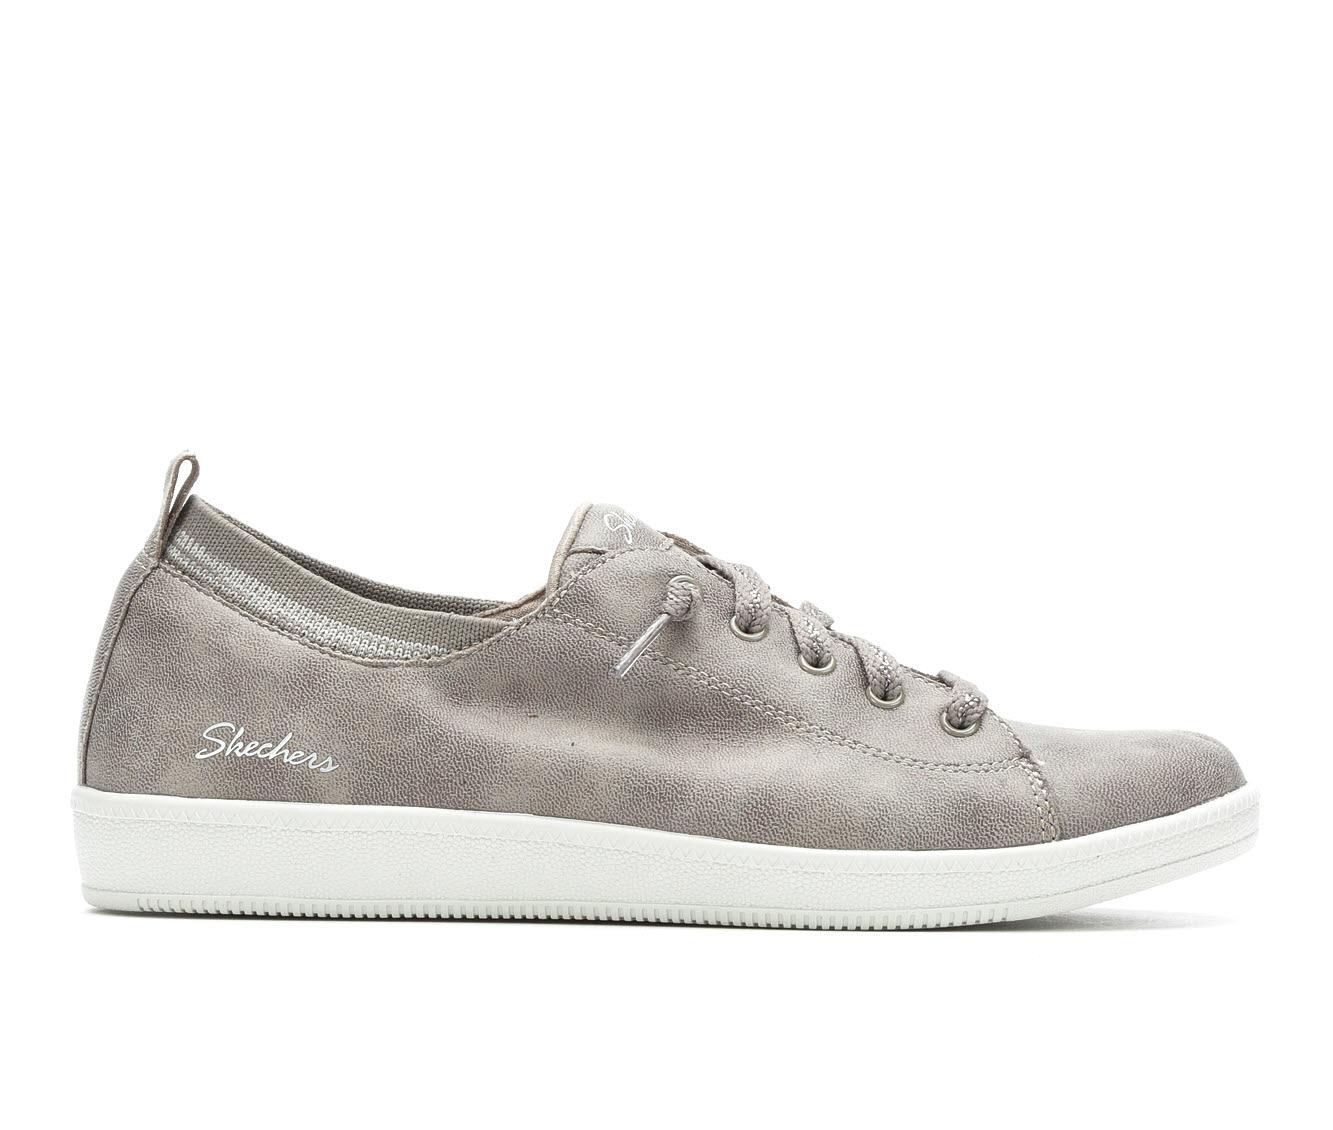 Skechers City Ways 27109 Women's Shoe (Brown Faux Leather)